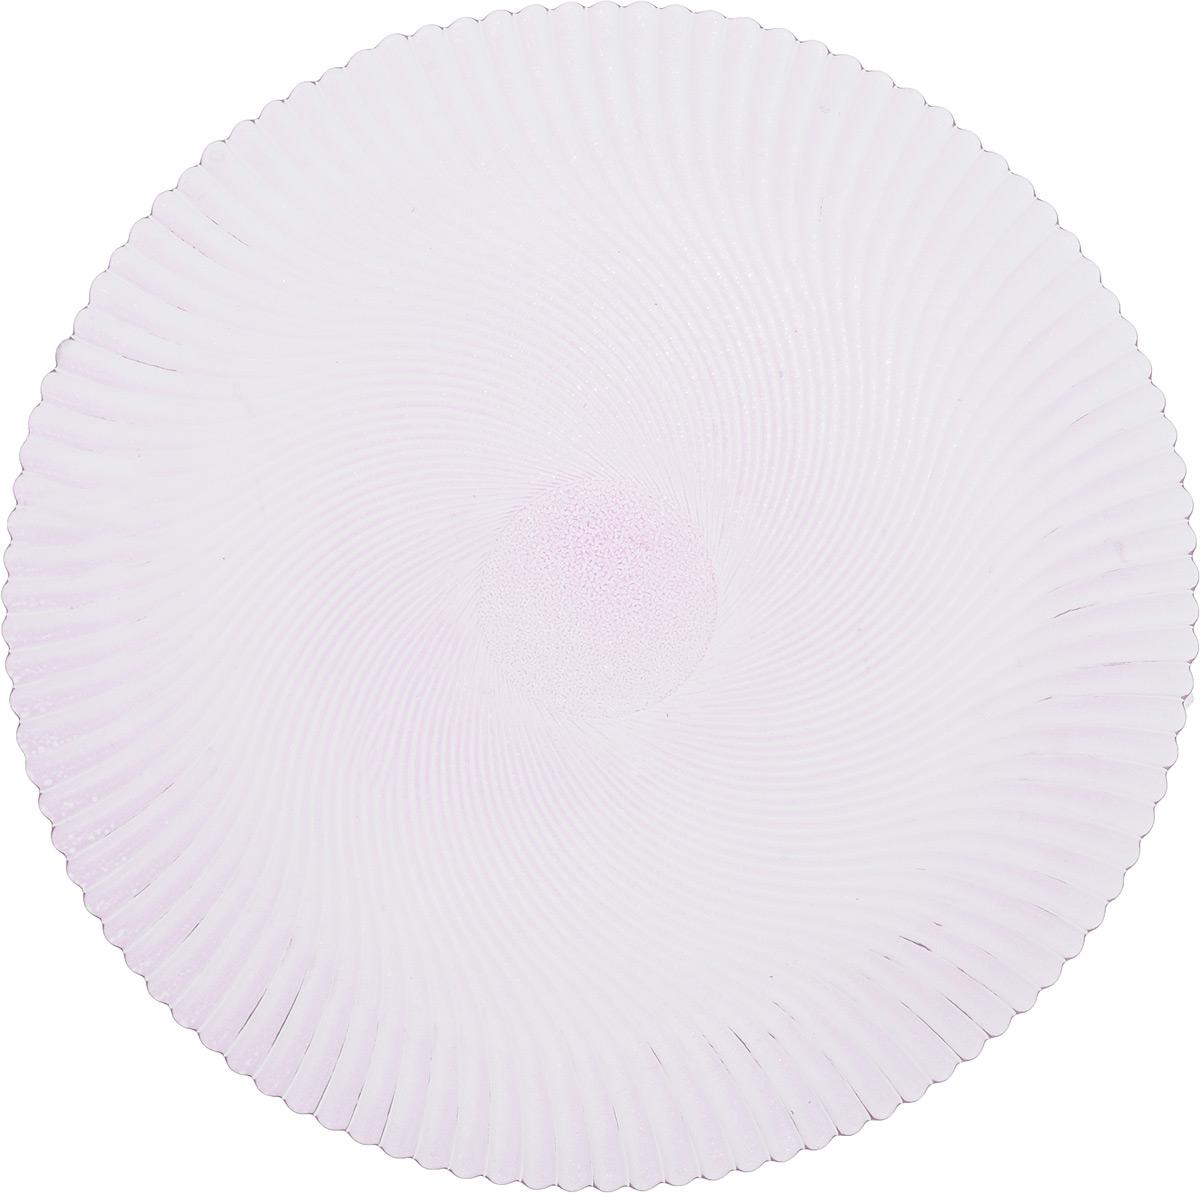 Блюдо NiNaGlass Альтера, цвет: сиреневый, диаметр 32 см83-028-ф320 СИРБлюдо NiNaGlass Альтера, изготовленное из высококачественного стекла, имеет круглую форму и прекрасно подойдет для подачи нарезок, закусок и других блюд. Внешняя стенка изделия имеет рельефную форму. Такое блюдо украсит сервировку вашего стола и подчеркнет прекрасный вкус хозяйки.Диаметр блюда (по верхнему краю): 32 см.Высота блюда: 2 см.